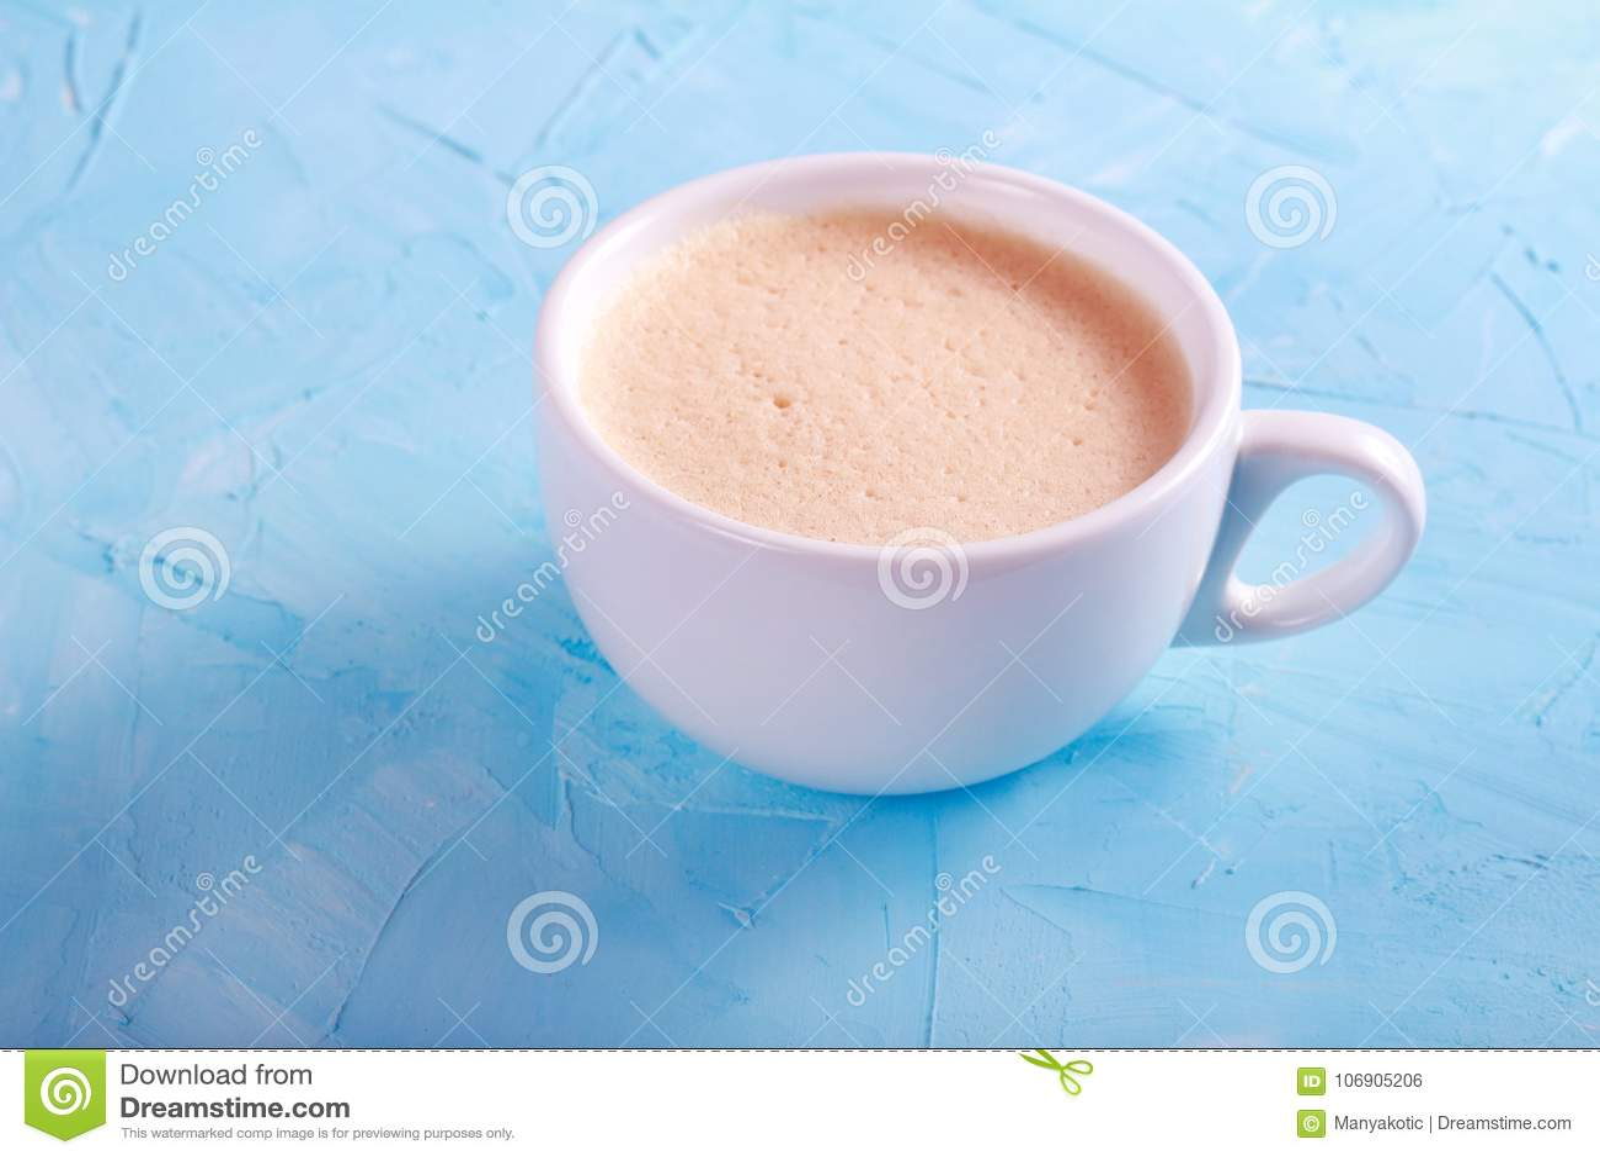 Filiżanka kawy nad błękitnym tłem